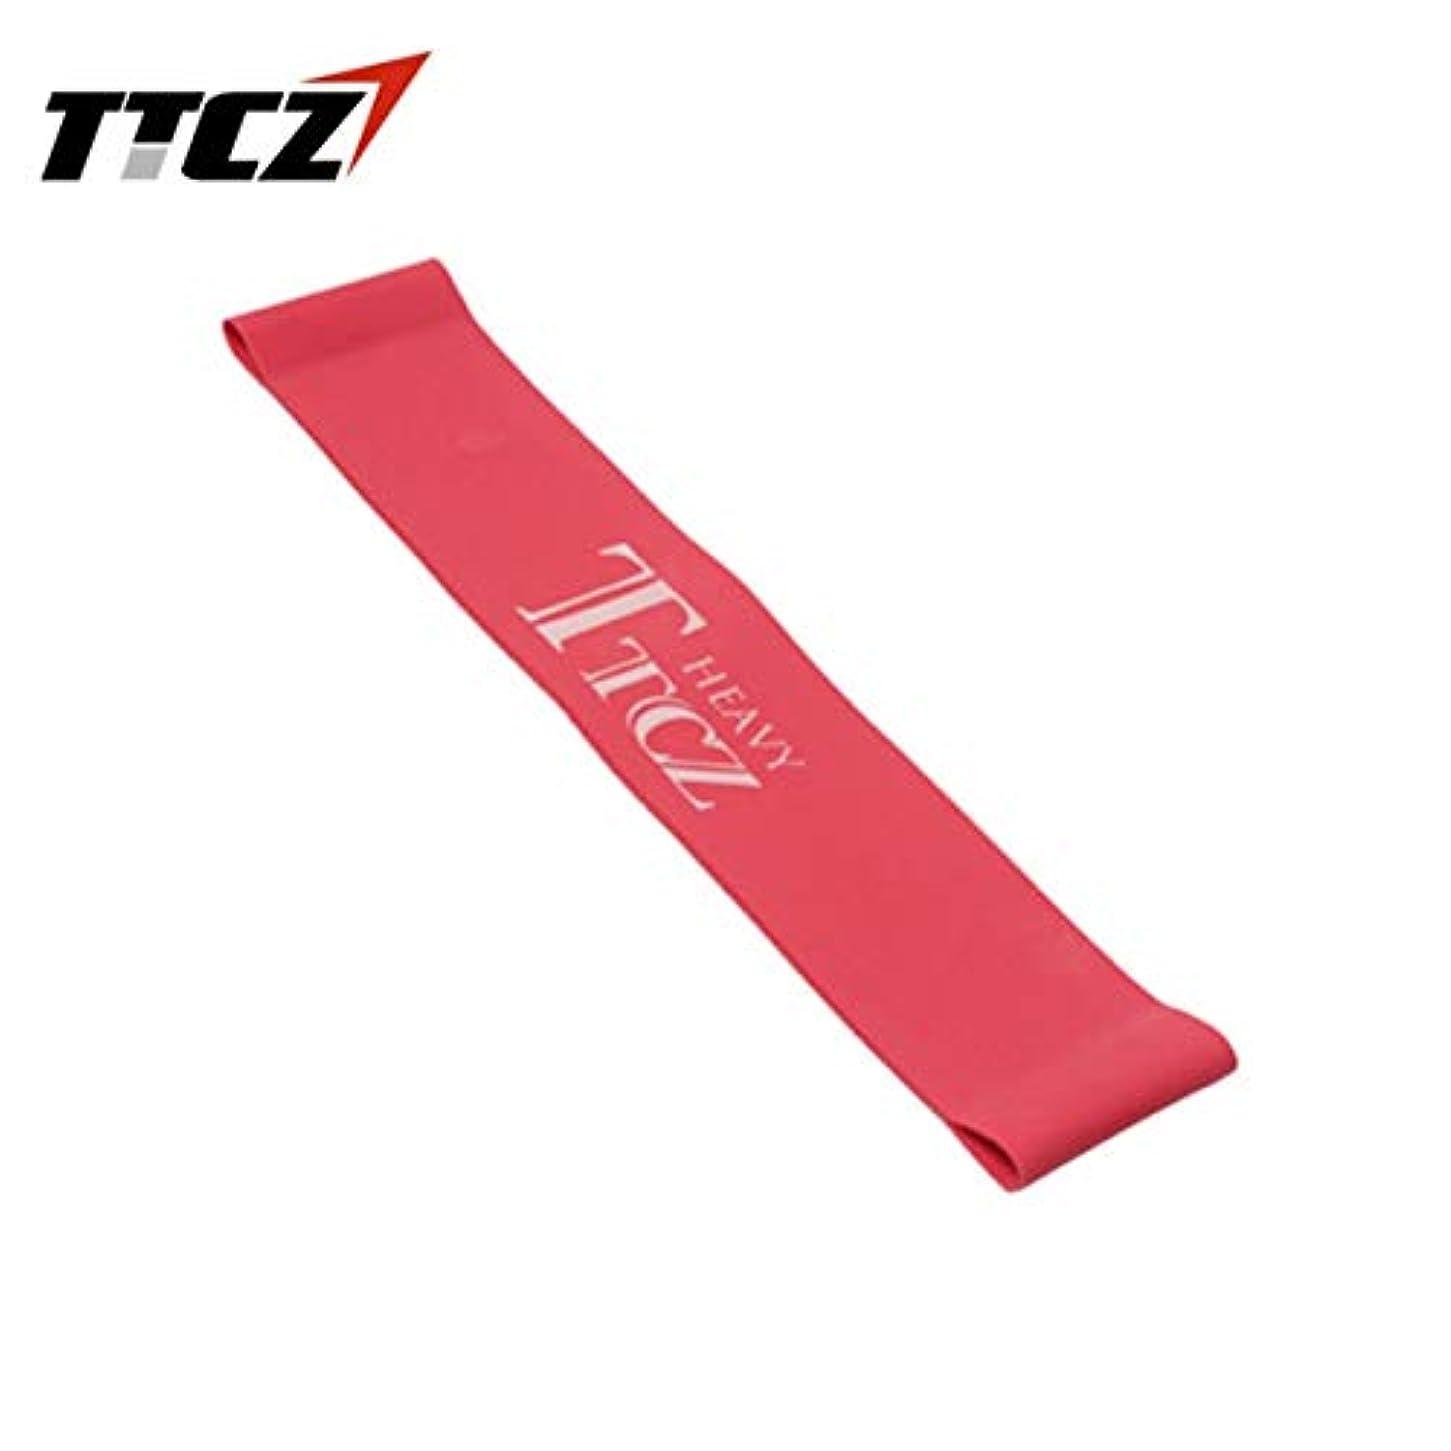 素晴らしい蚊プラス弾性張力抵抗バンドエクササイズワークラバーループバンドボディービル筋肉トレーニングエキスパンダーヨガフィットネス機器 - 赤